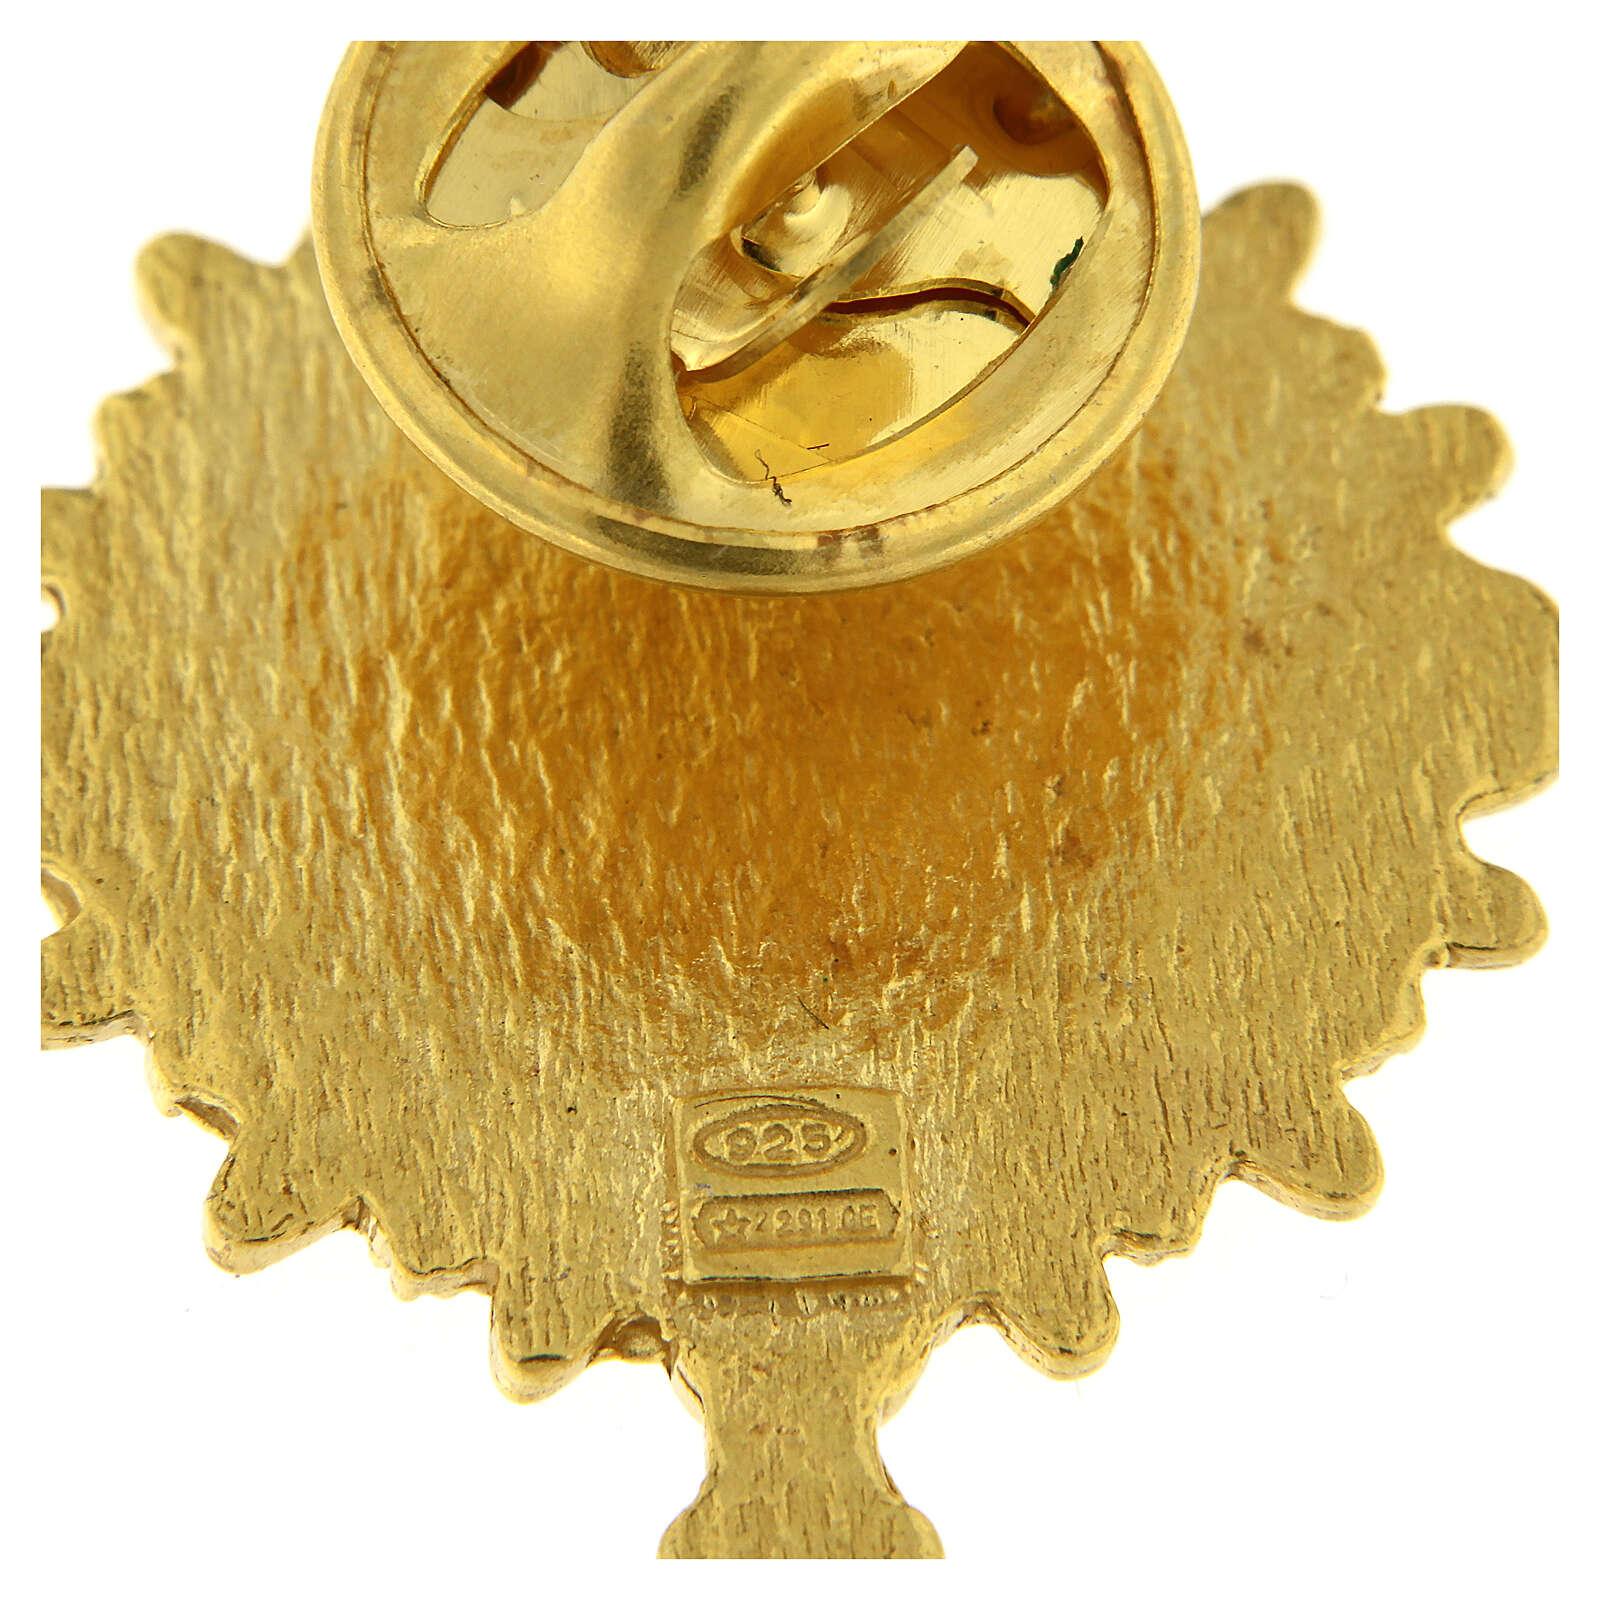 Broche ostensorio plata 925 dorada esmalte blanco IHS 4